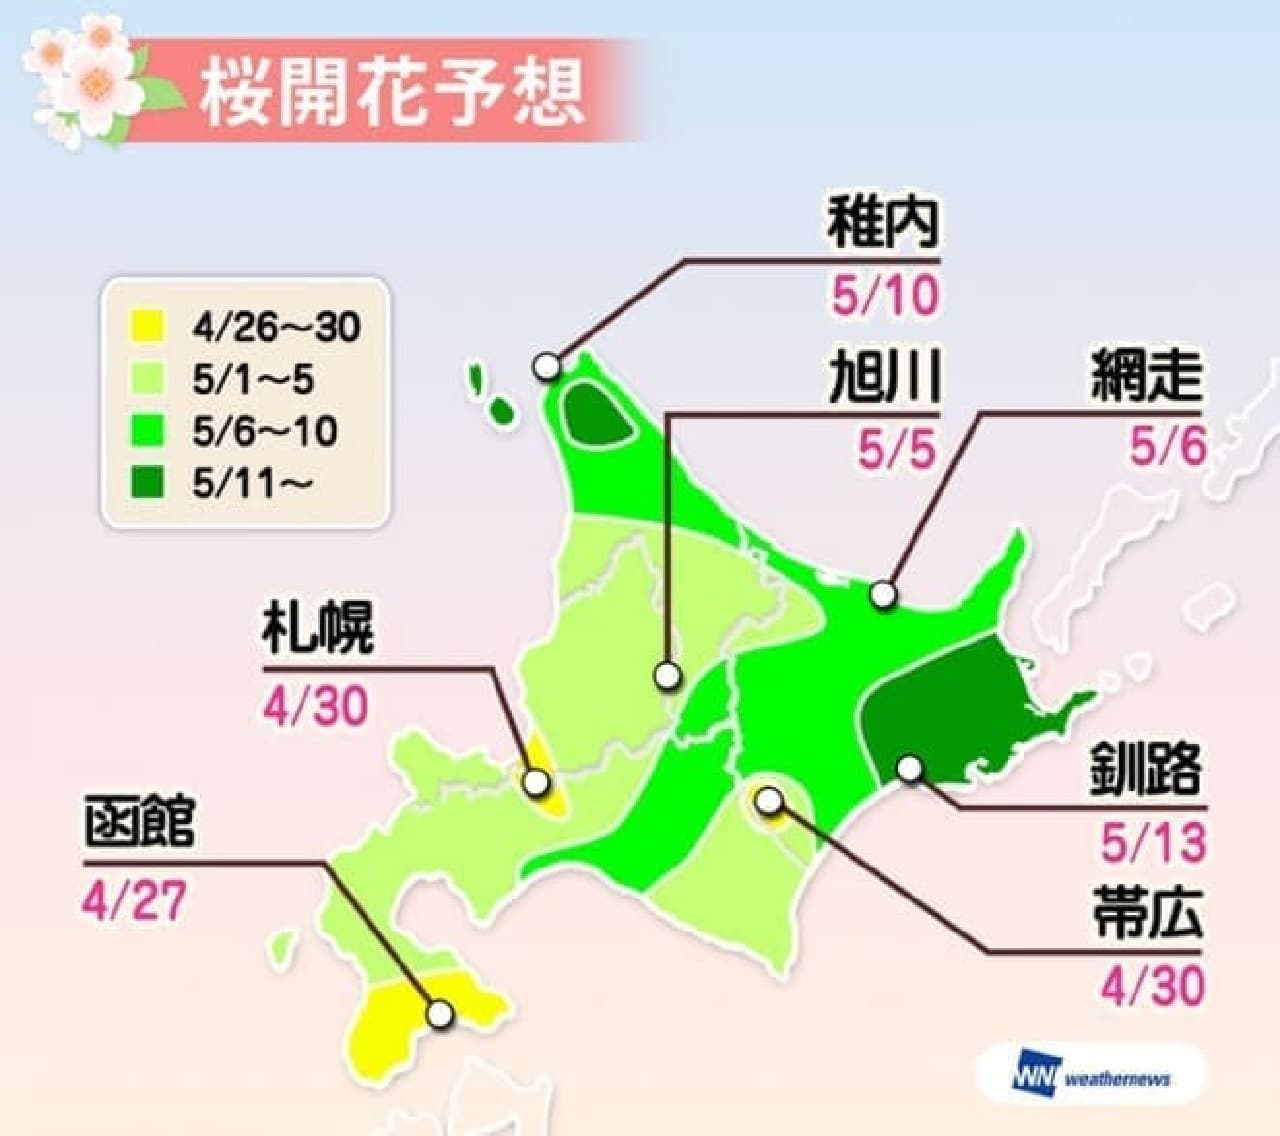 ウェザーニューズが第一回桜開花予想を発表